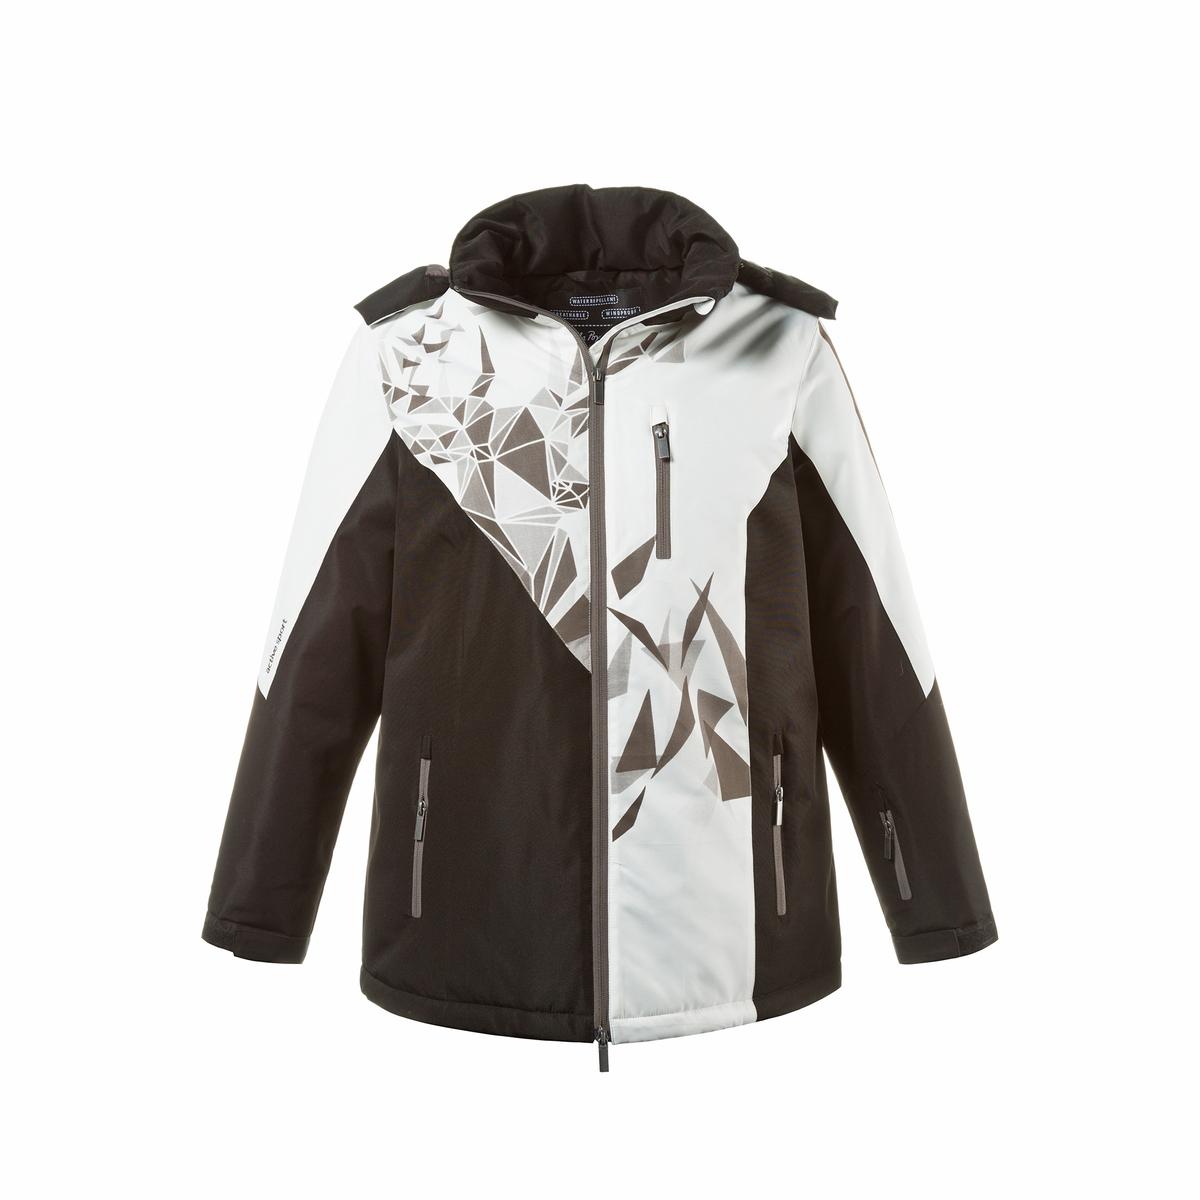 Куртка лыжнаяДвухцветная лыжная куртка, графический рисунок в виде оленя спереди. Три функции : защита от ветра, водоотталкивающая, дышащая. Капюшон на молнии, молния с двумя замками, 3 кармана на молнии, карман для ски-пасса на рукаве. Низ с завязкой на кулиске, длинные рукава с манжетами и планкой-велкро. Теплая подкладка, частично рифленая, практичные карманы. Длина в зависимости от размера. 74-82 см<br><br>Цвет: черный/ белый<br>Размер: 44/46 (FR) - 50/52 (RUS)